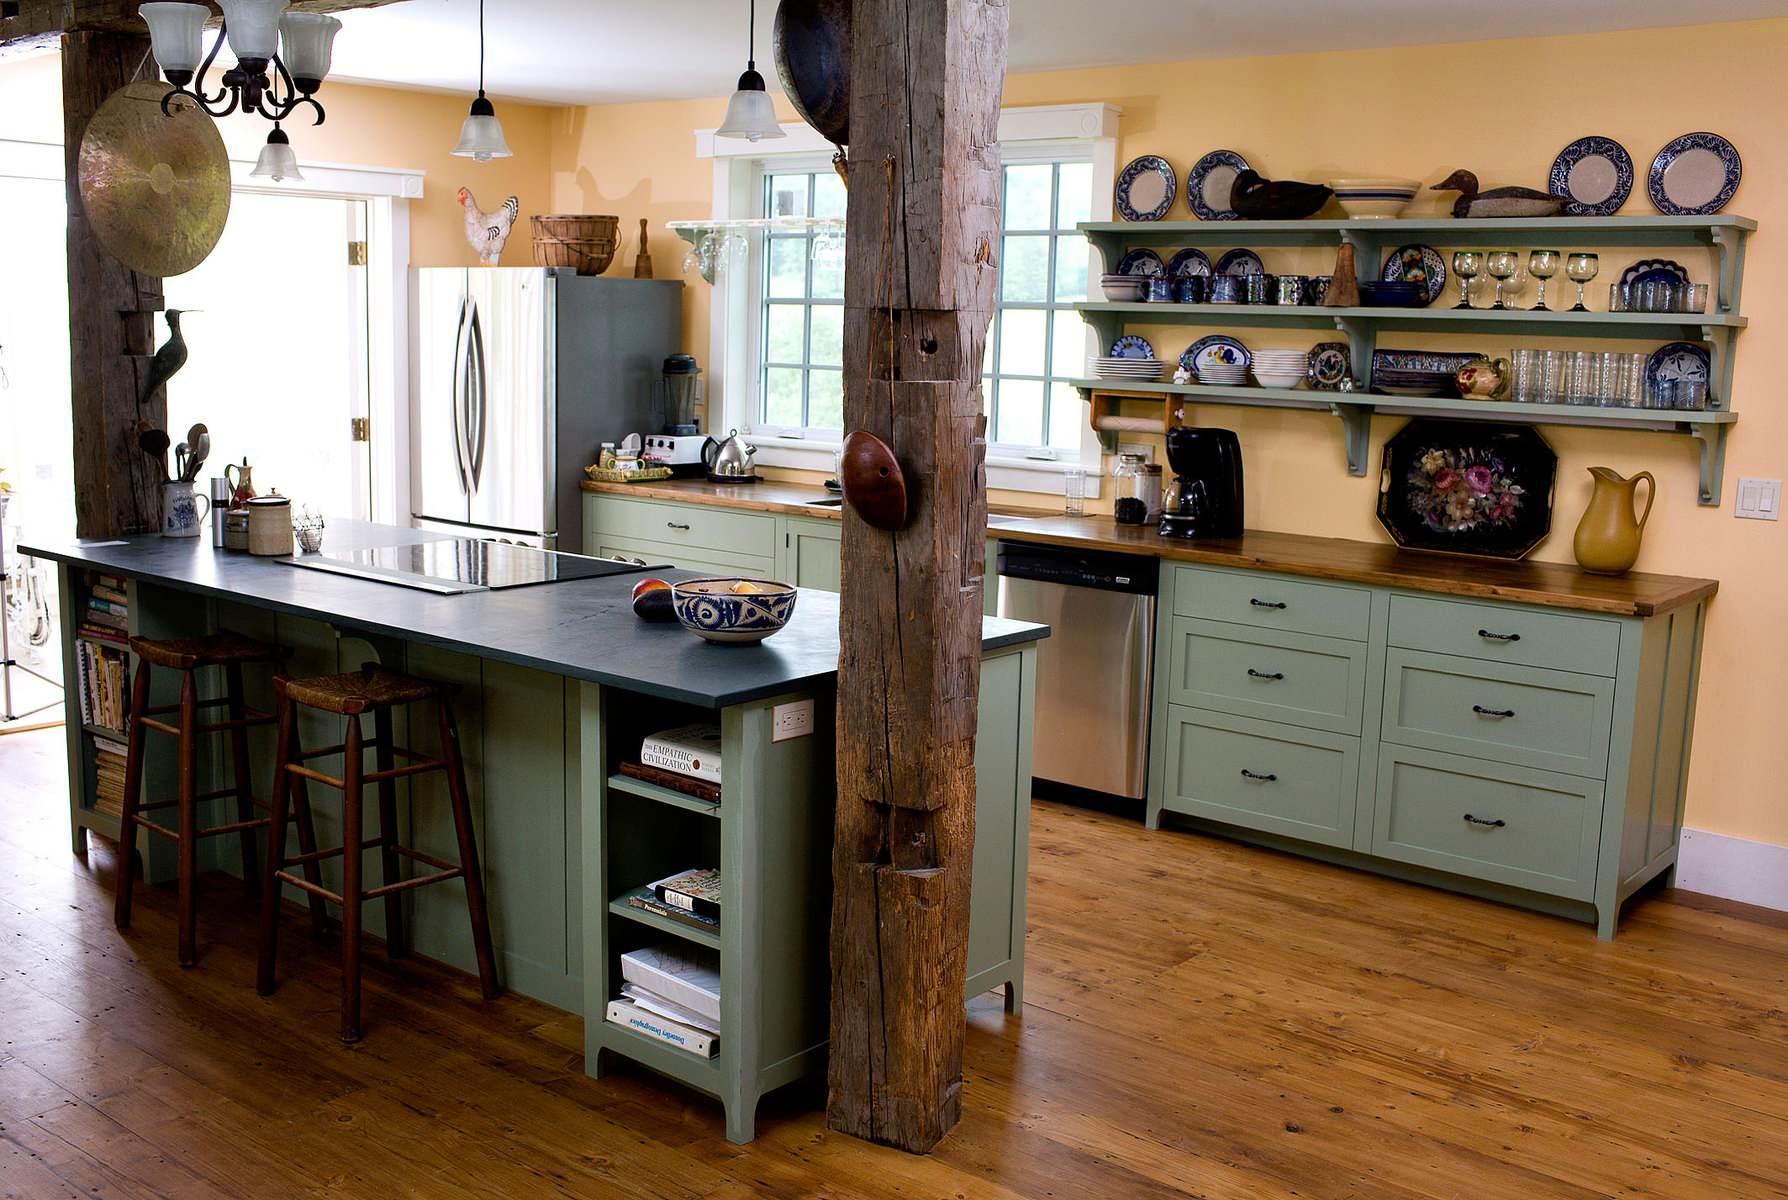 Просторная кухня в стиле кантри с соответствующей статуэткой петуха